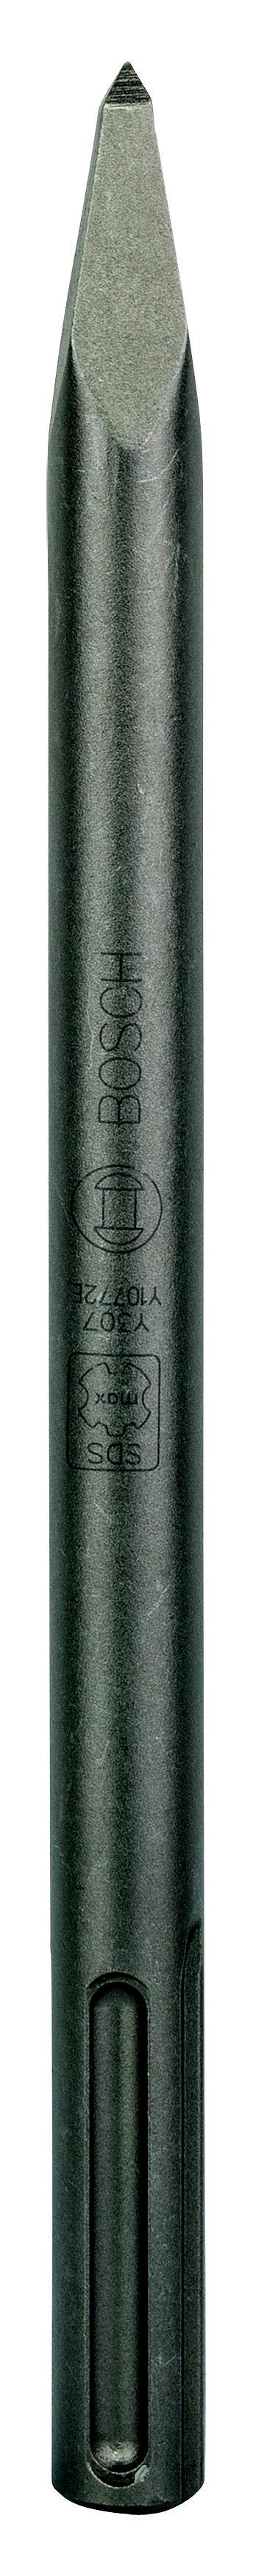 Пика Bosch 1618600023 sdsmax 280мм (1.618.600.023) цена